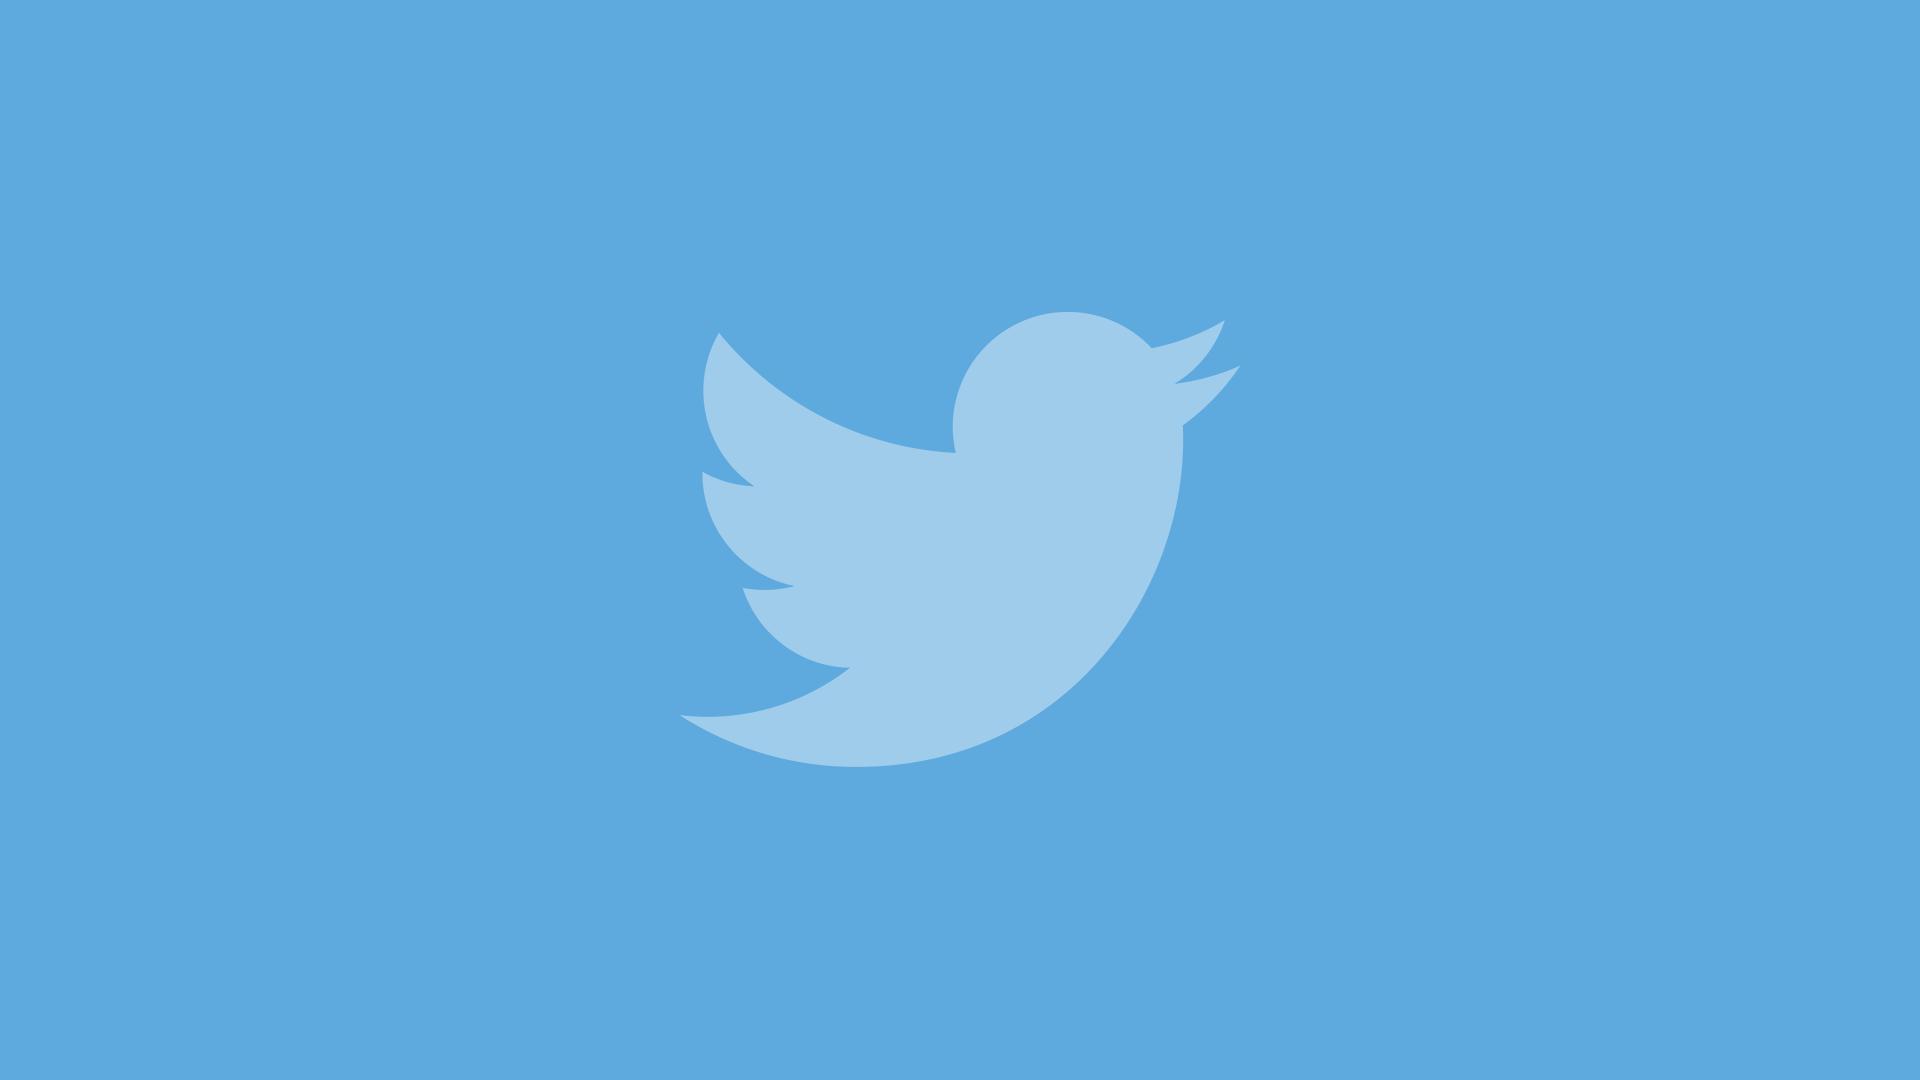 أسهم Twitter تخسر 18% في تداولات ما قبل الافتتاح